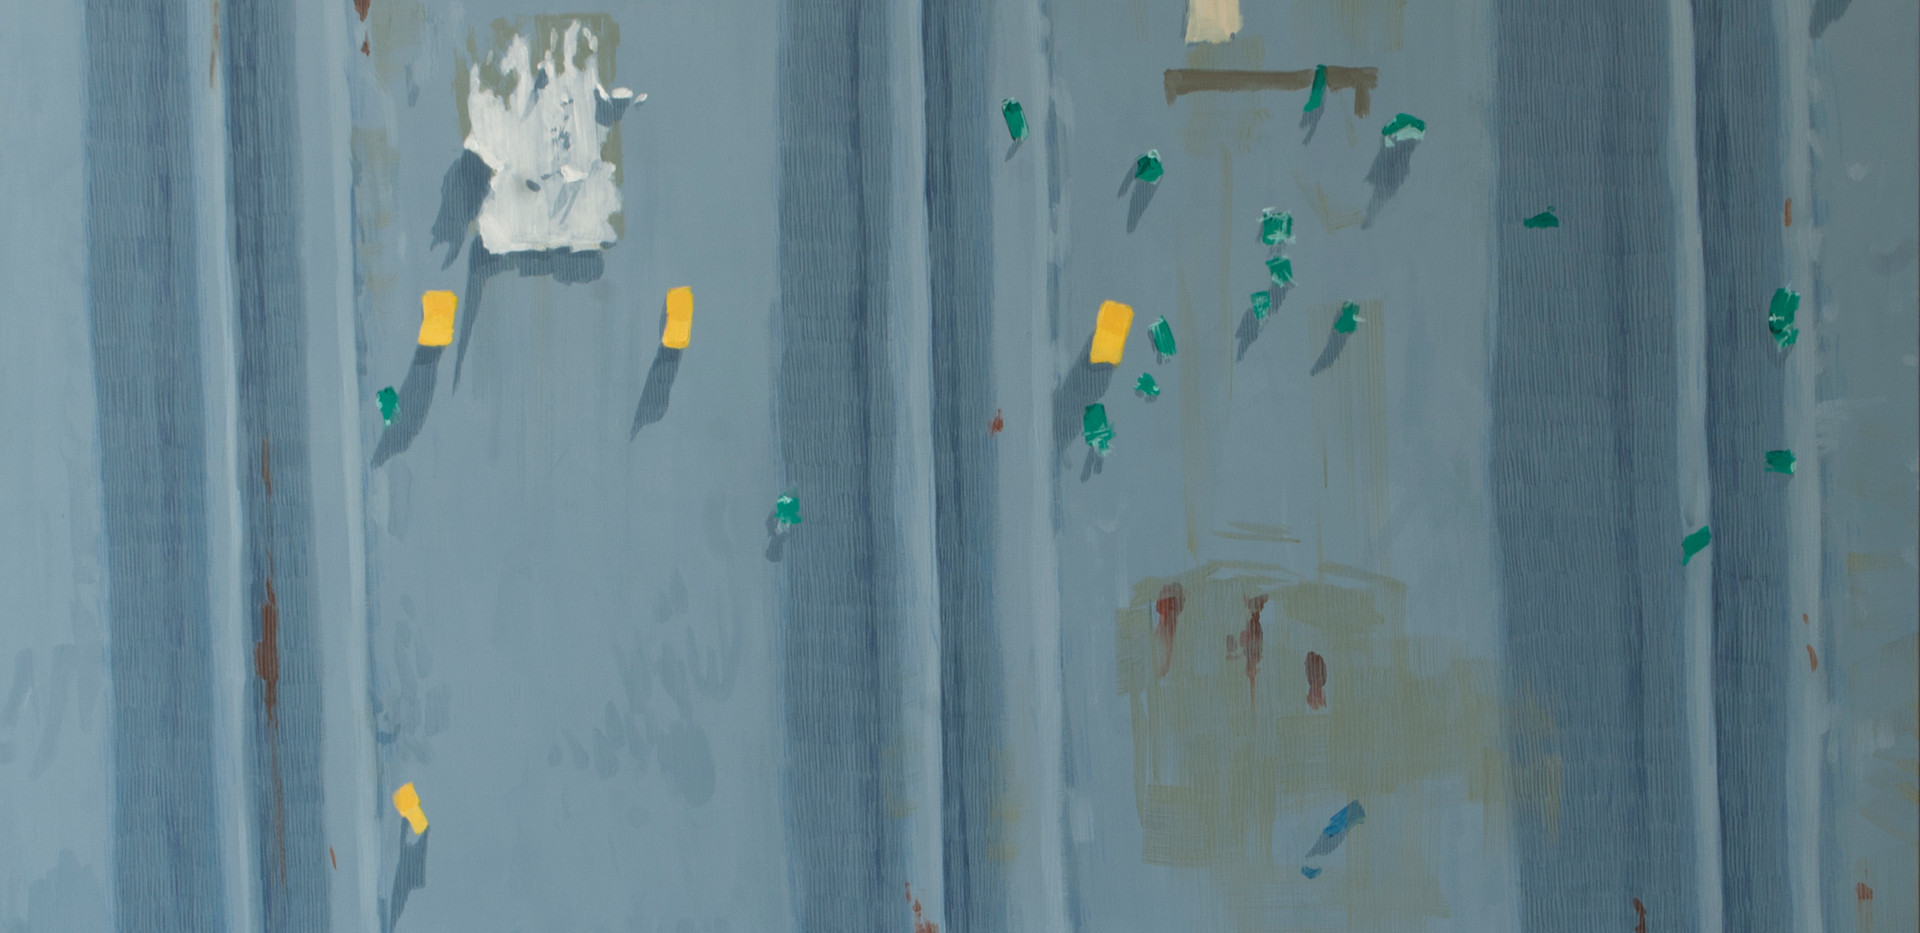 김민주, <202004251339>, Acrylic, color pancle on canvas, 116.8*72.7cm, 2020